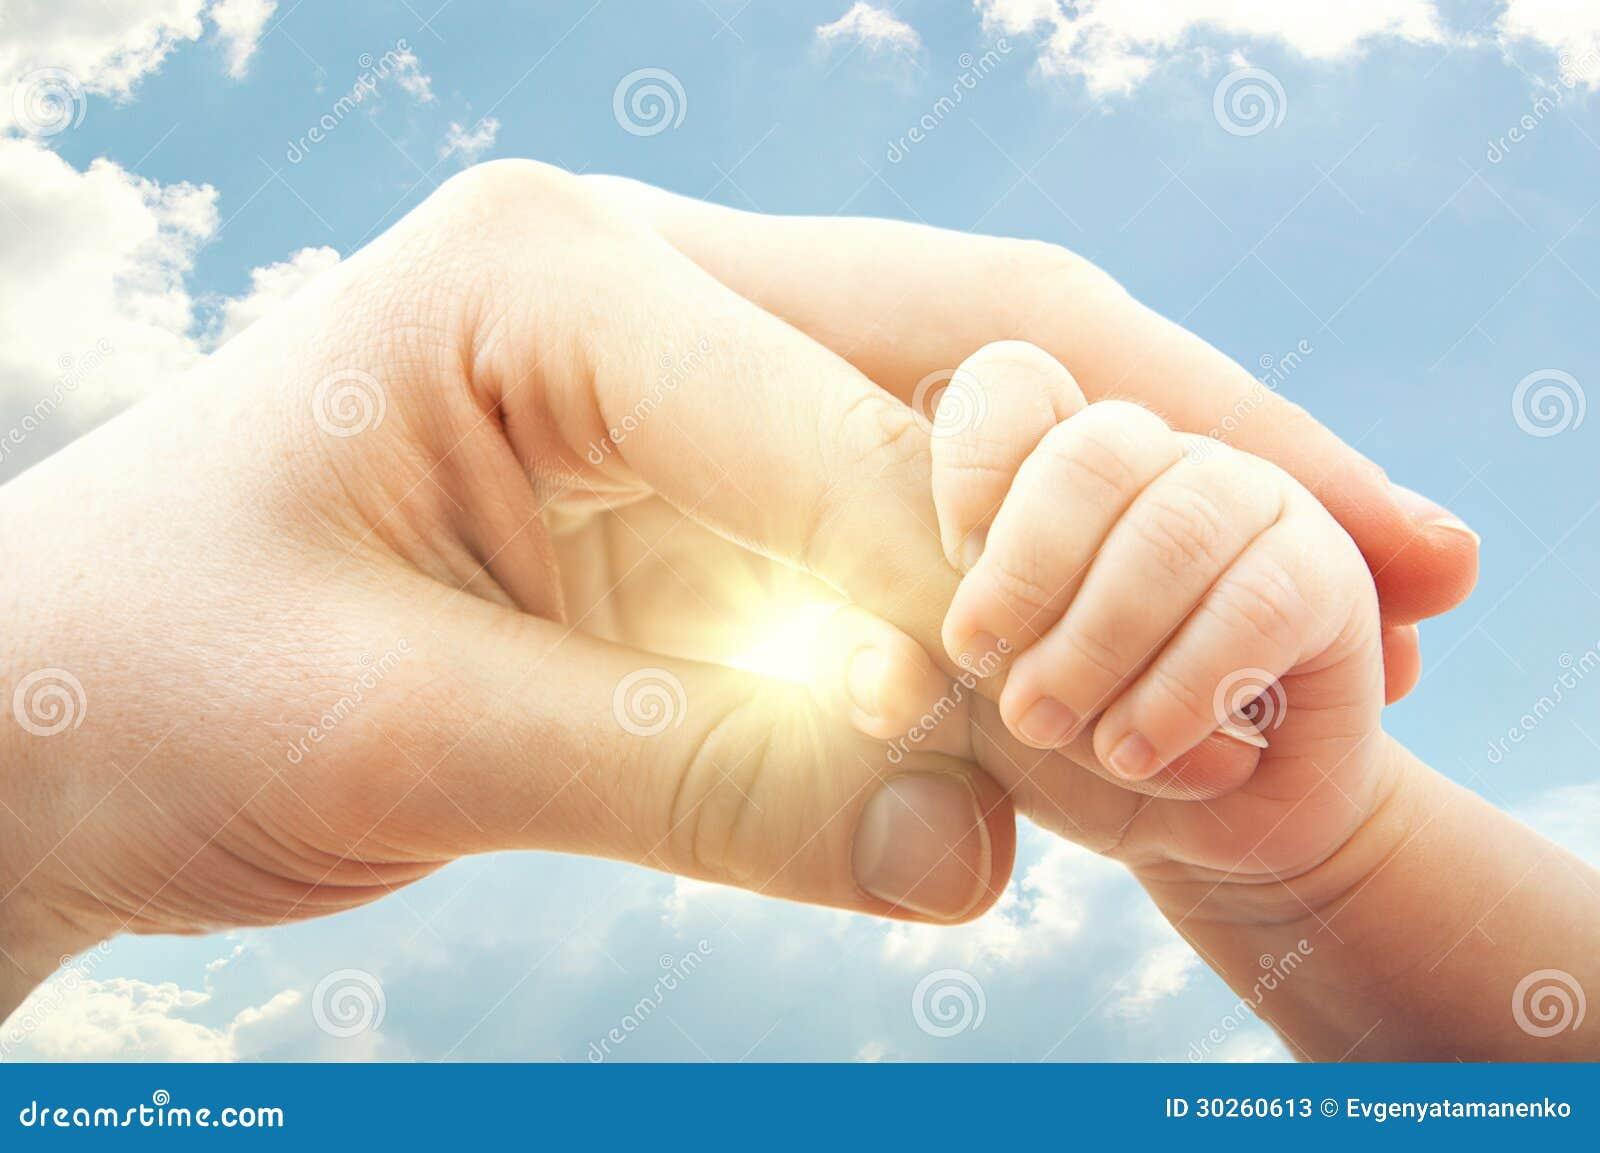 Conceito do amor e da família. mãos da mãe e do bebê